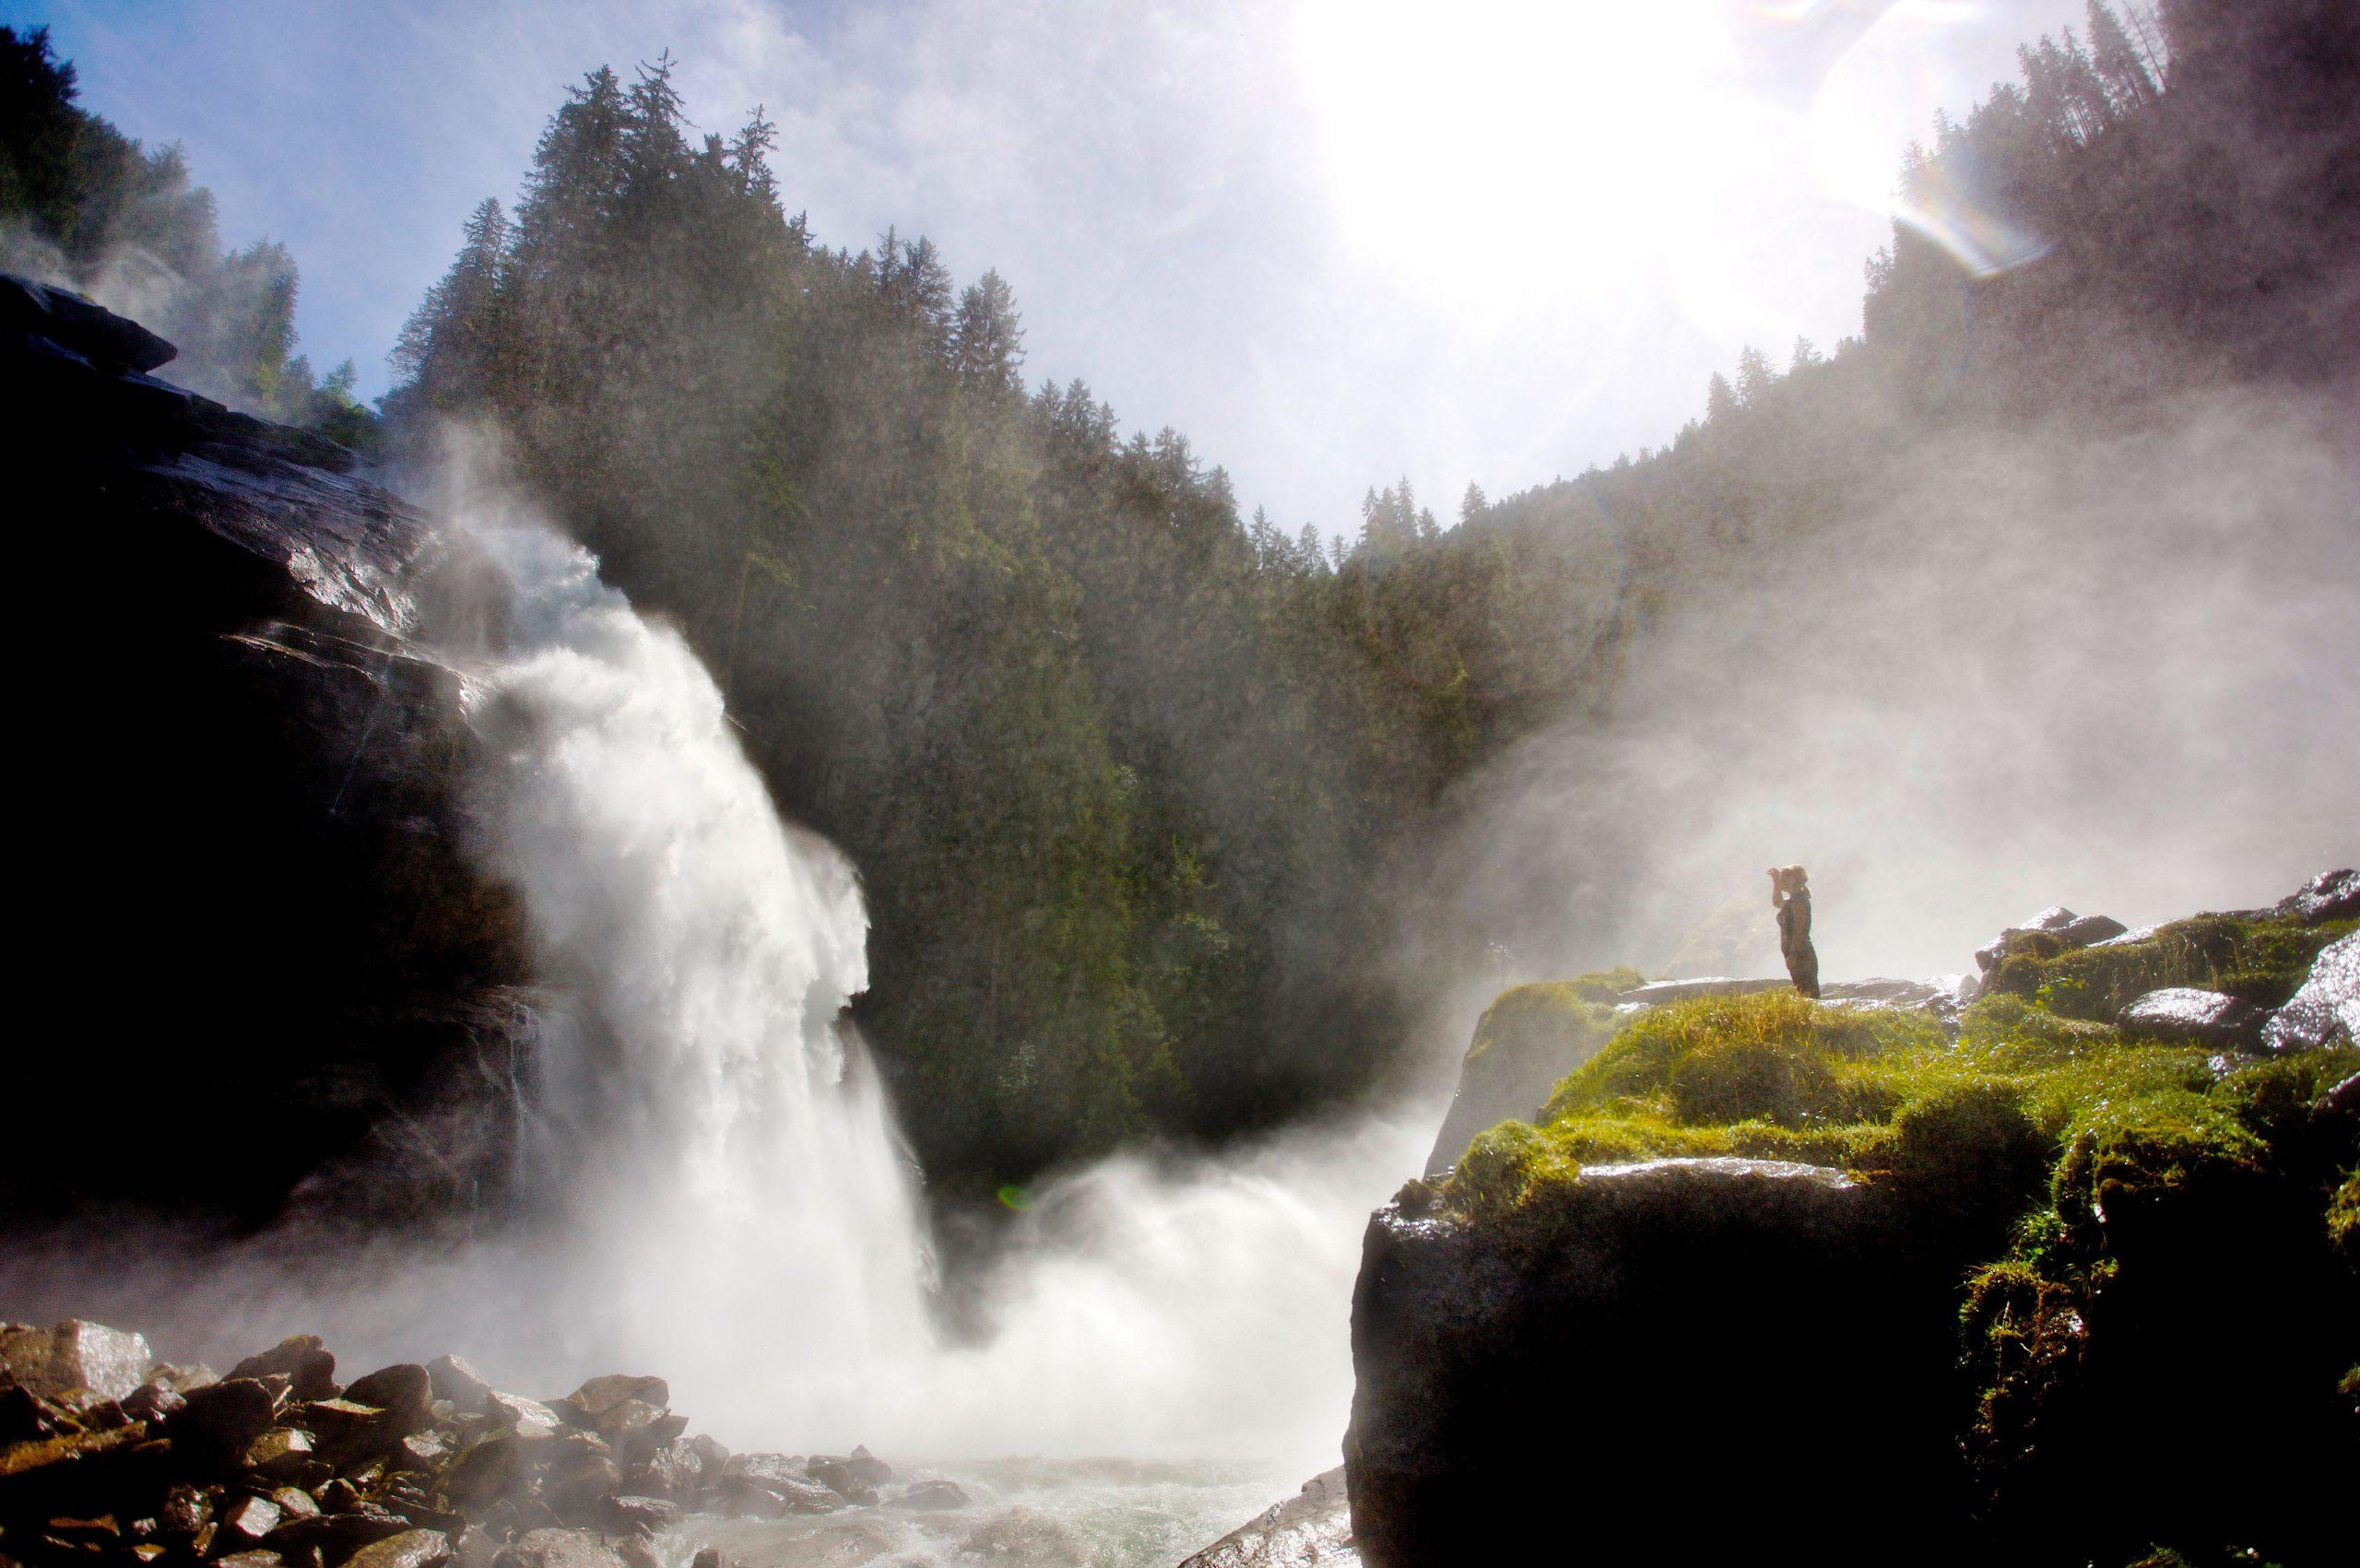 die Wasserfälle Krimml im Nationalpark Hohe Tauern sind ein Besuch wert